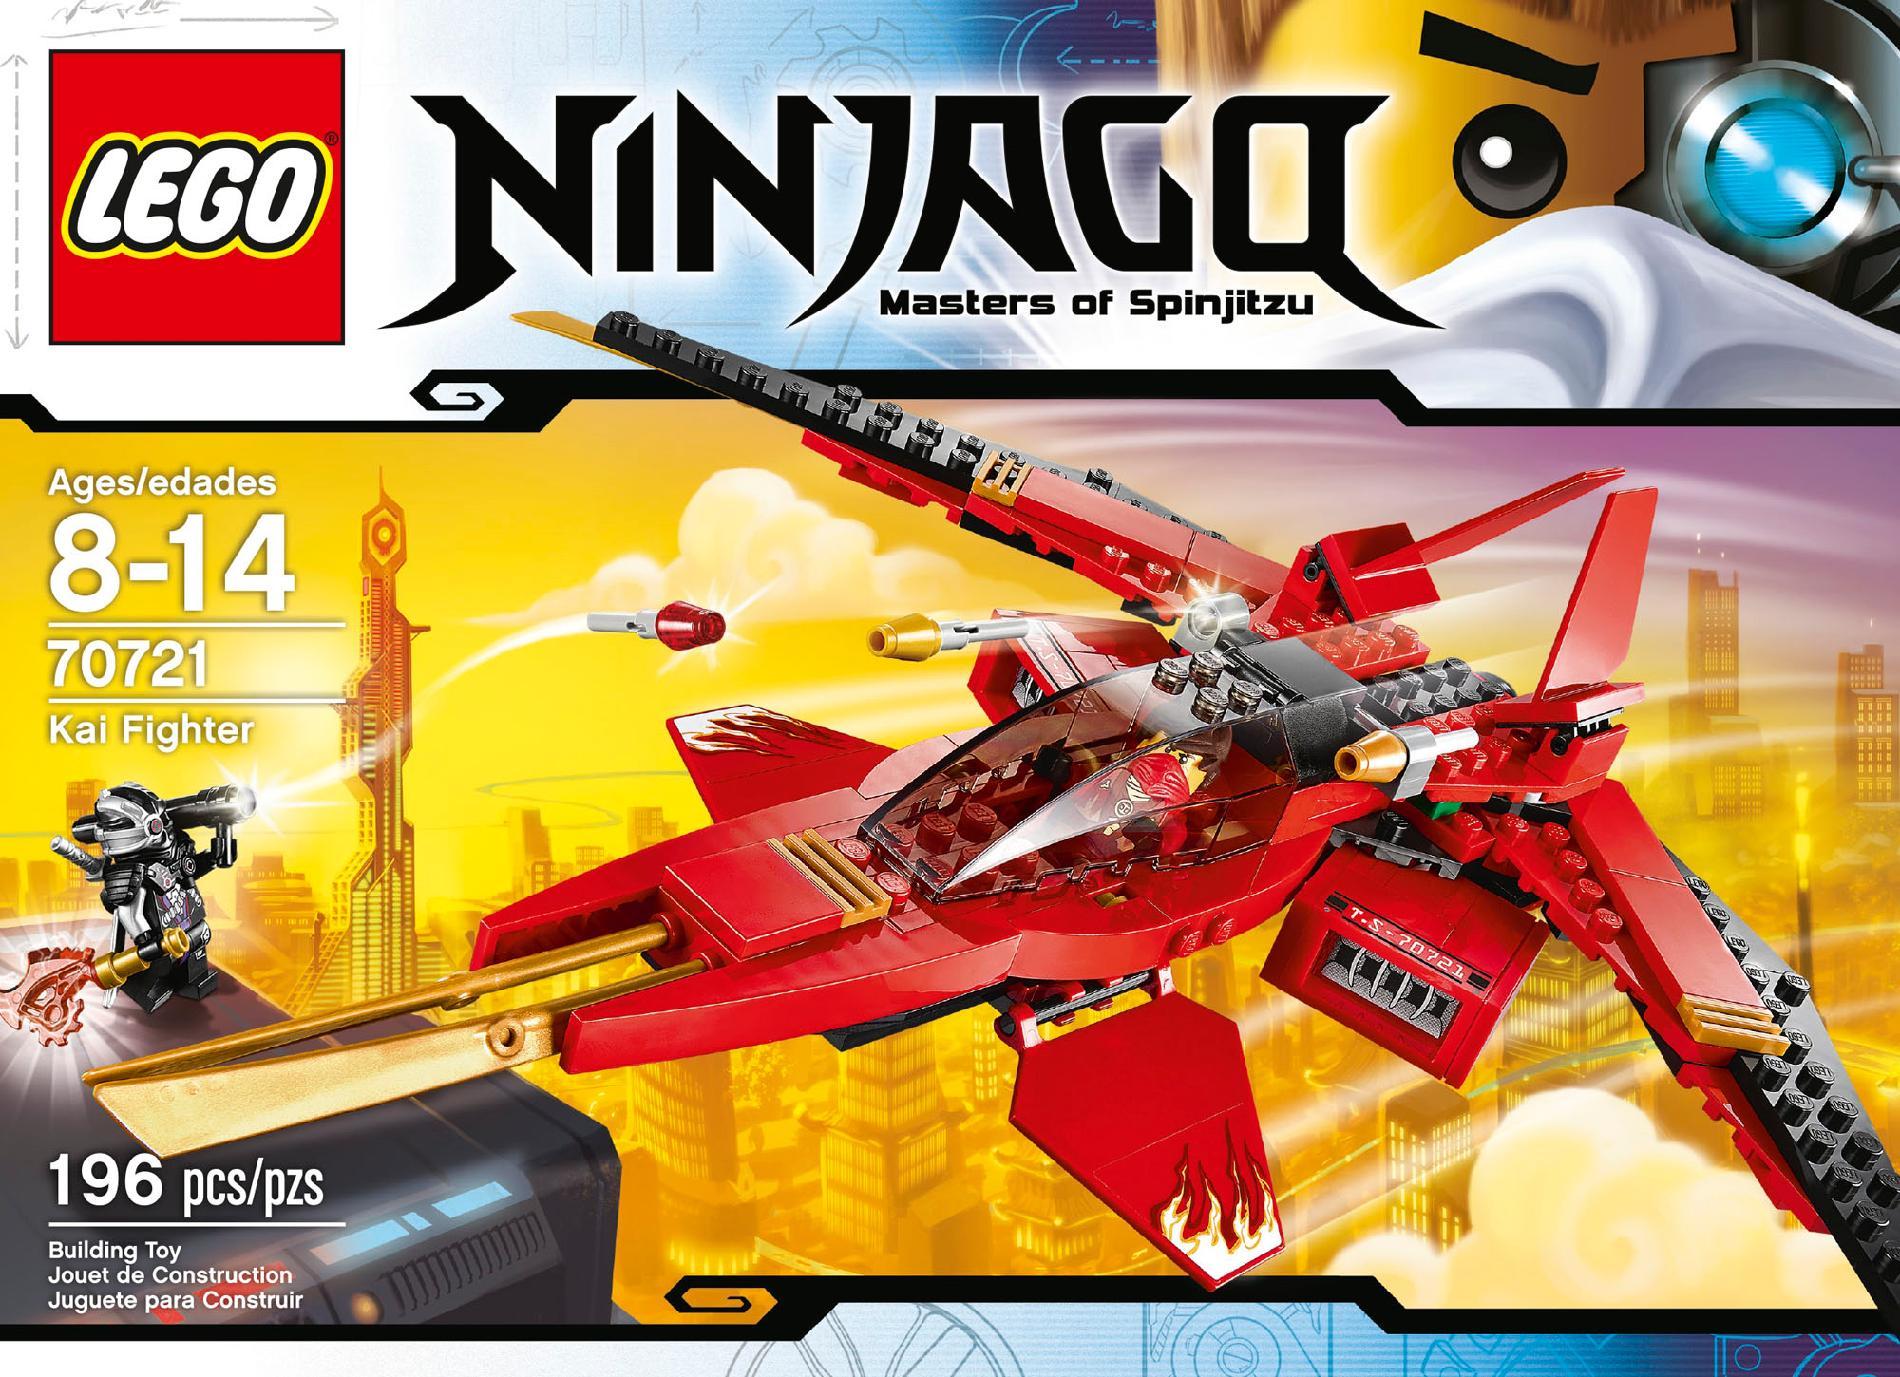 70721 kai fighter brickipedia fandom powered by wikia - Photo ninjago ...